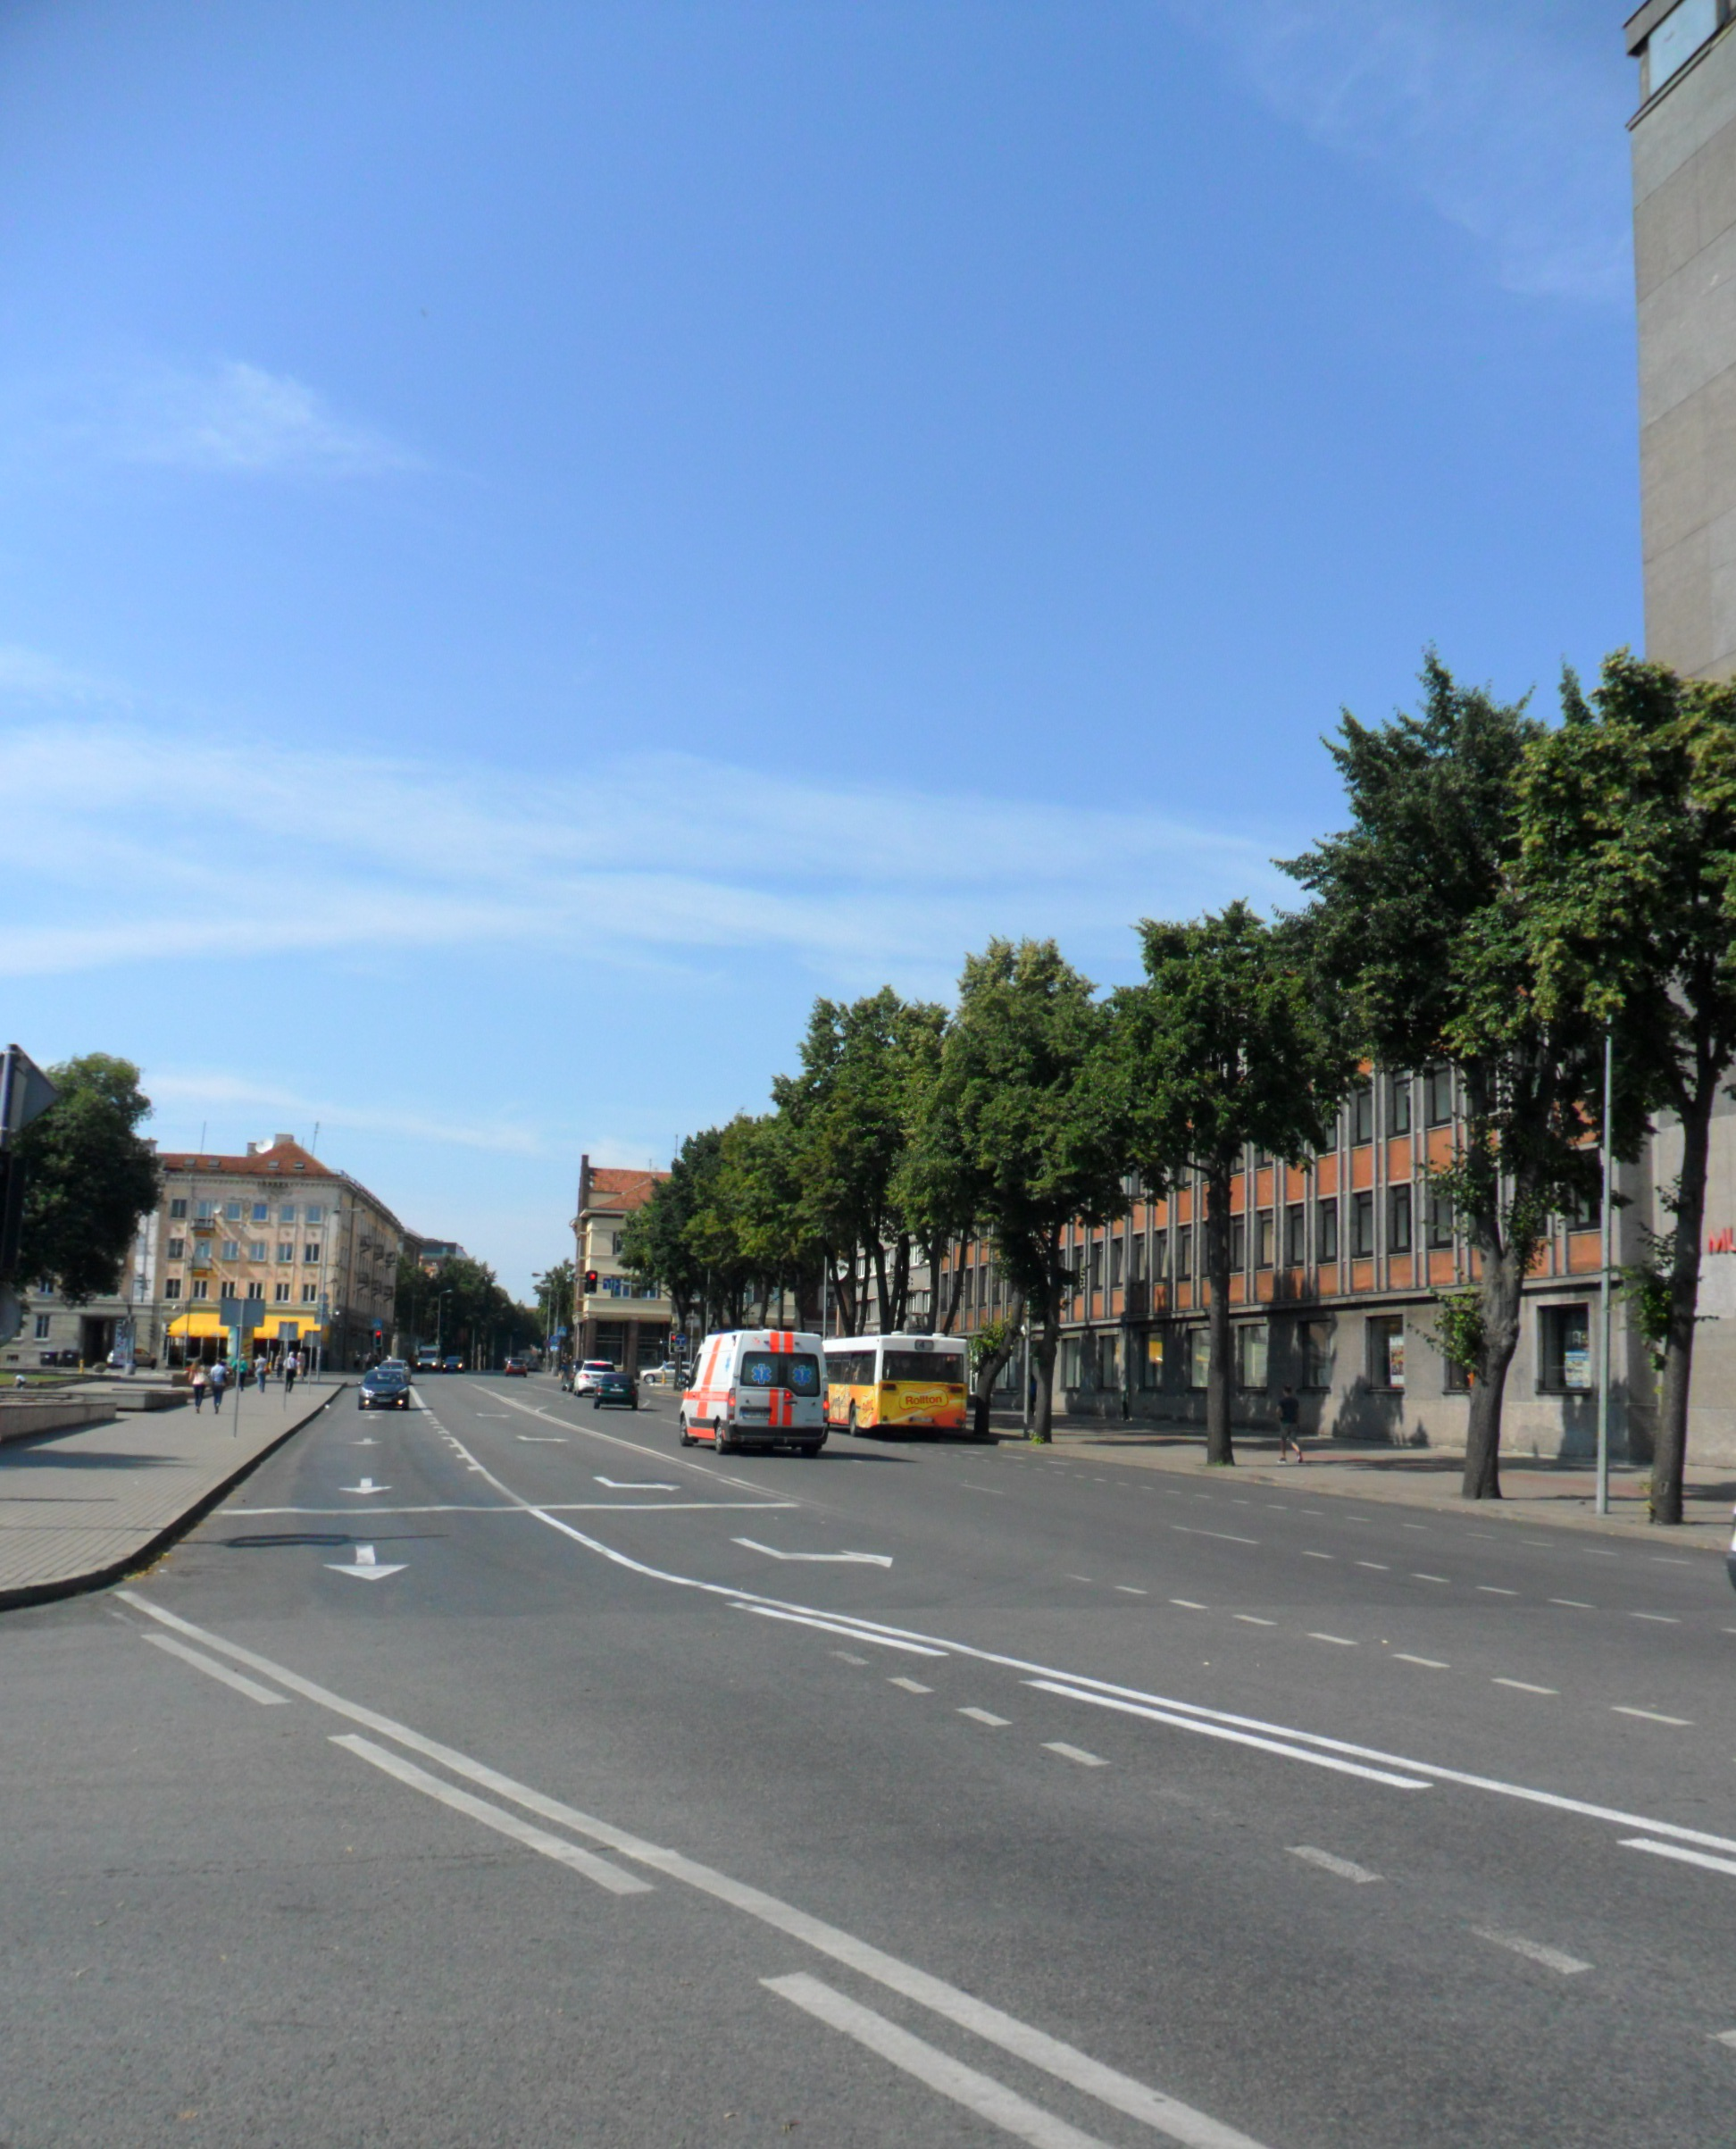 Biržos gatvės vaizdas